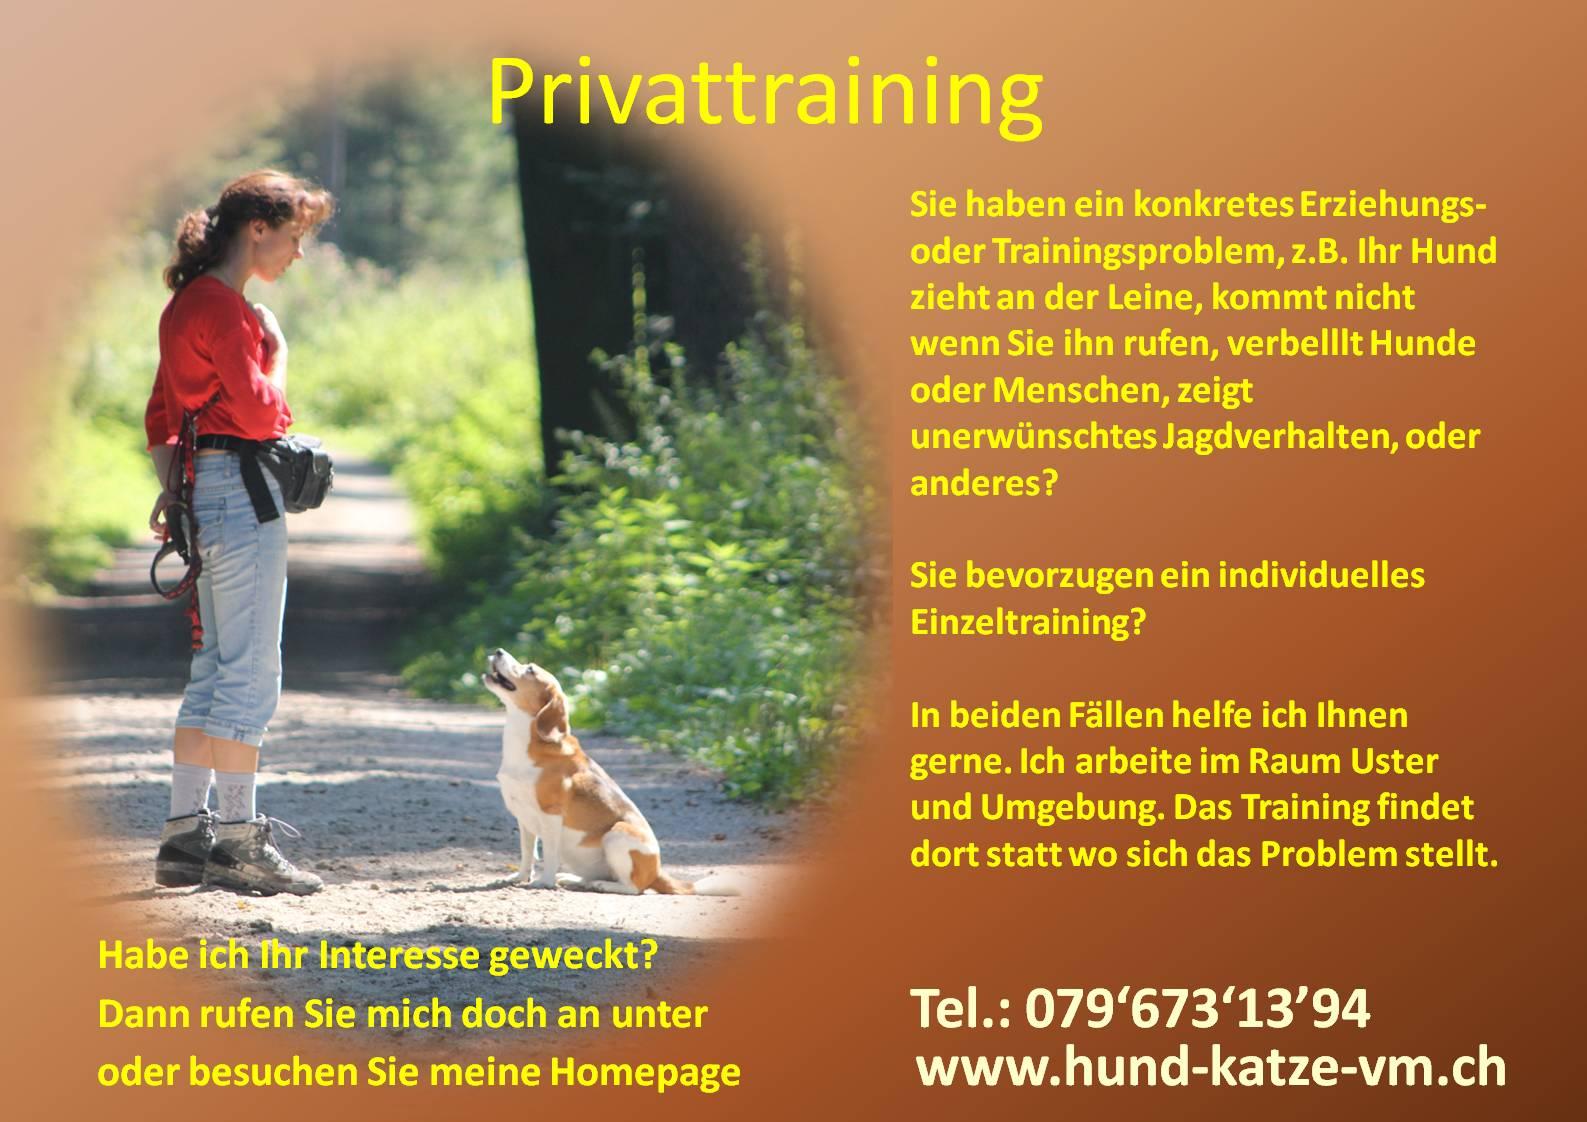 Privattraining Verhaltensmedizin Bei Hund Und Katzeverhaltensmedizin Bei Hund Und Katze